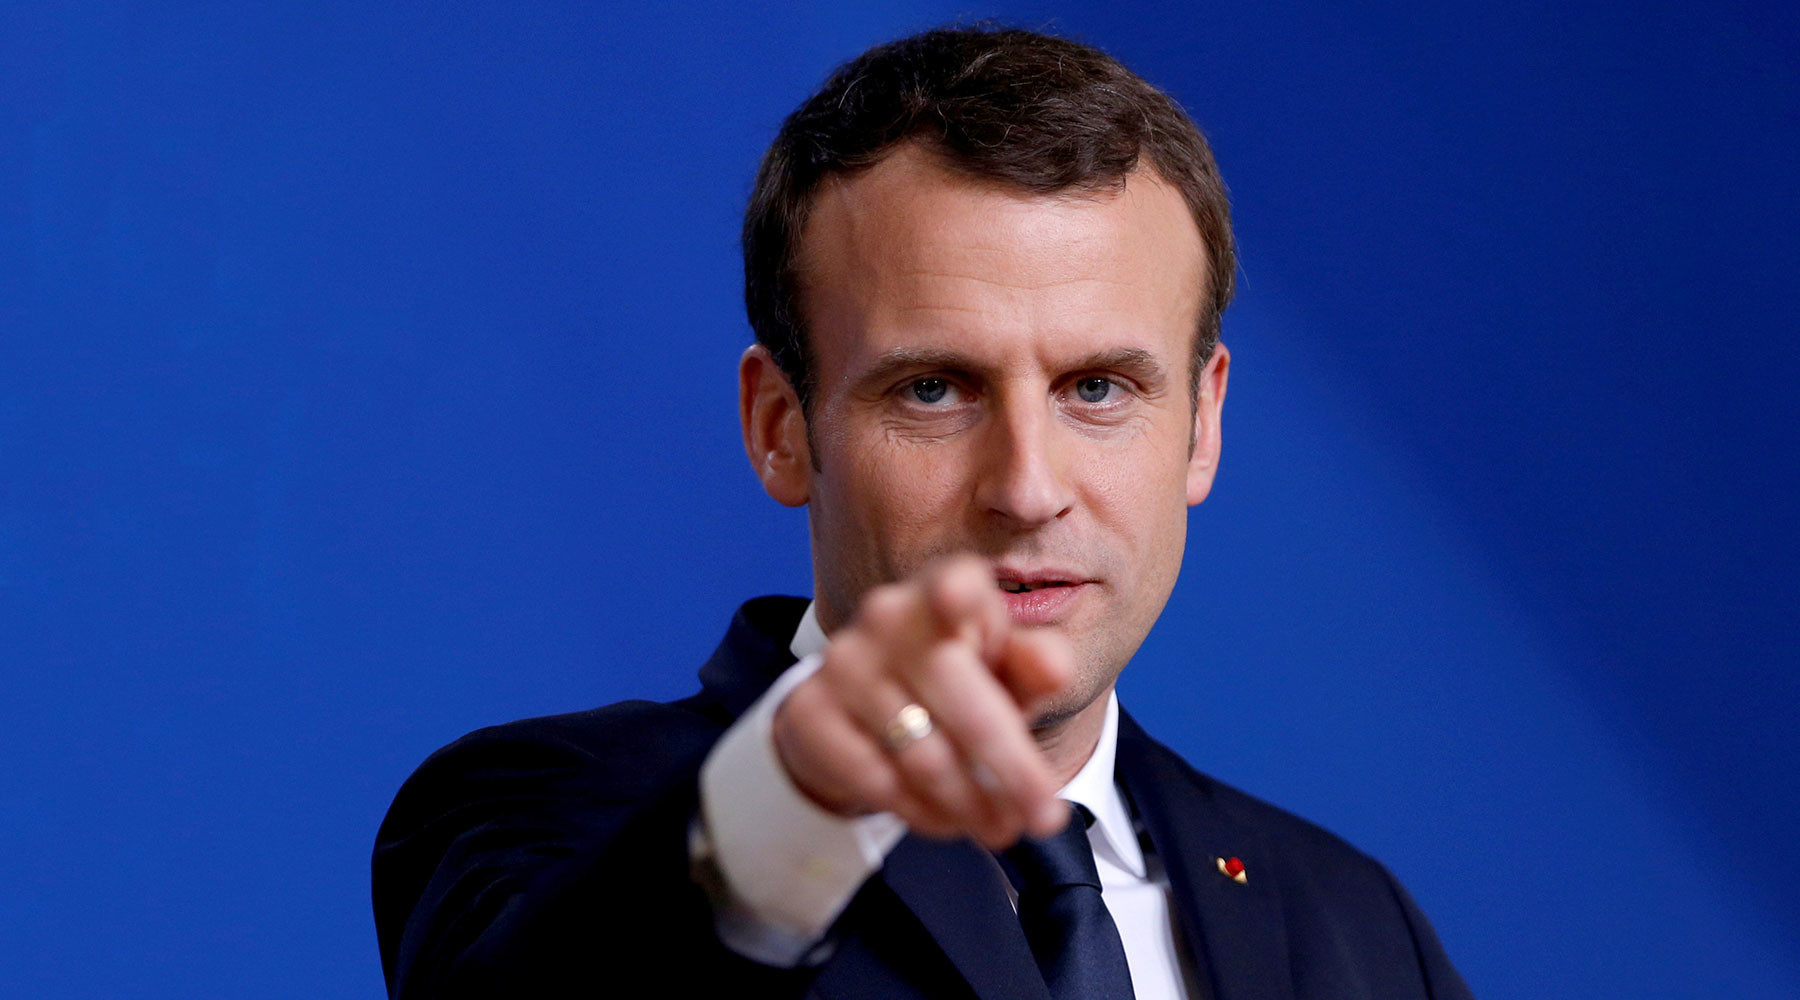 Франция может нанести удар по Сирии вместе с США